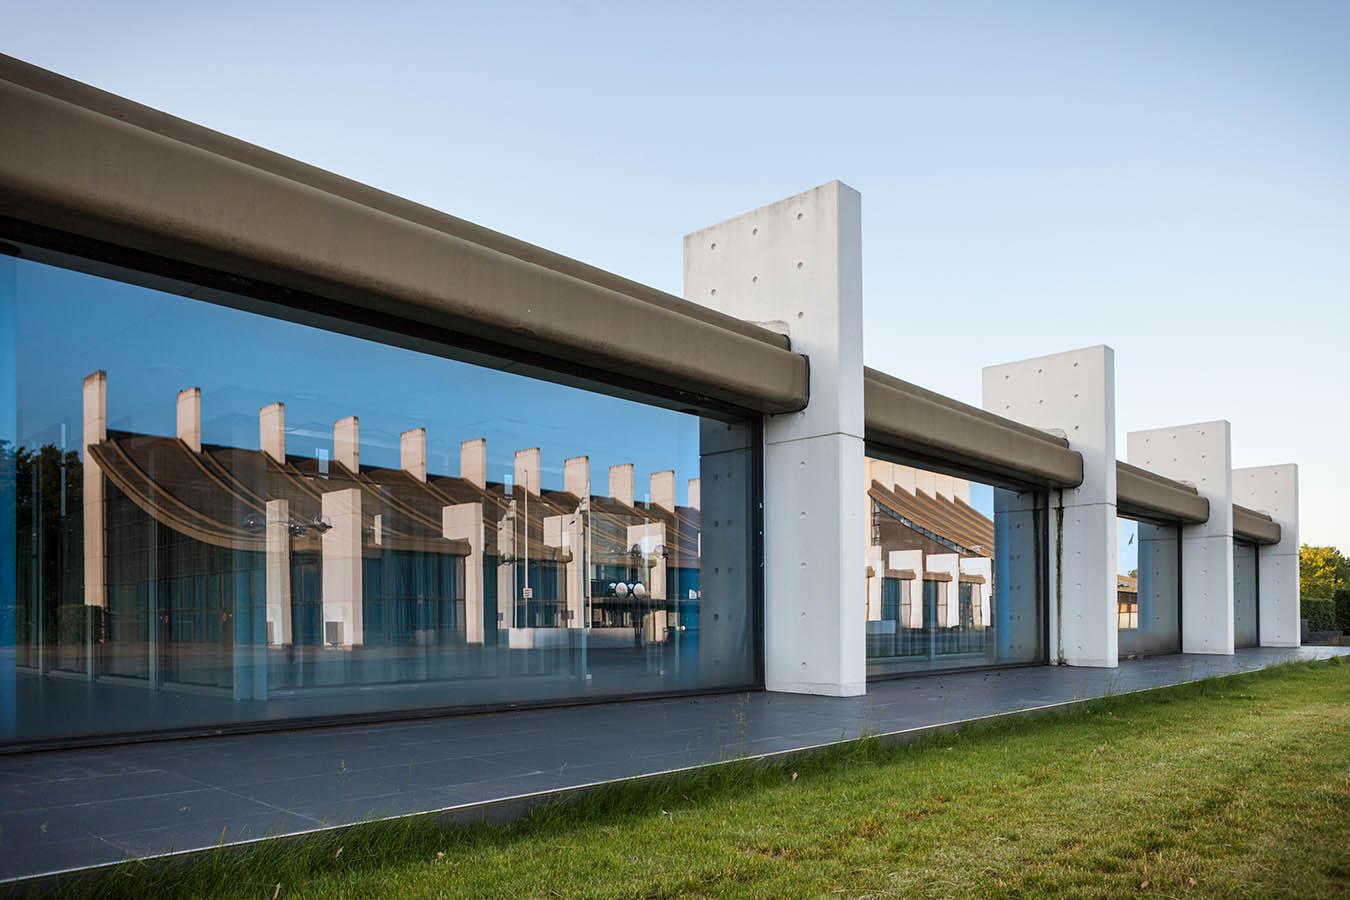 Rathaus & Forum, Castrop-Rauxel